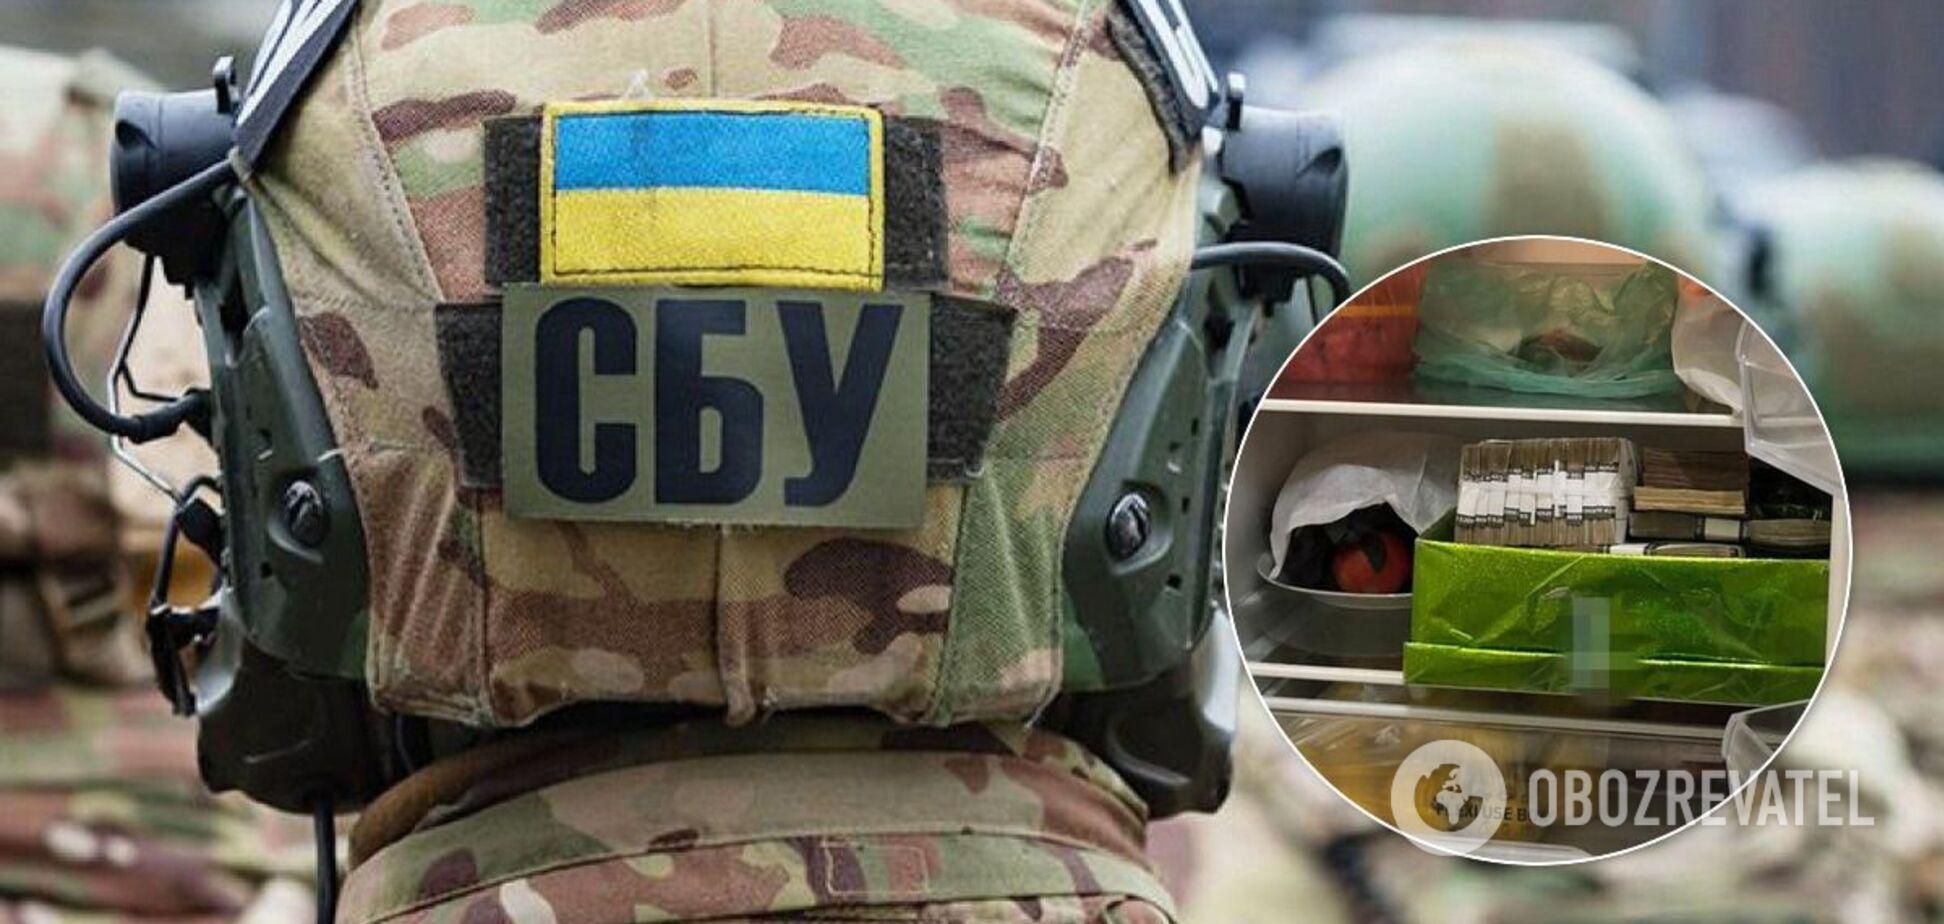 СБУ викрила мільйонну схему на 'Укрзалізниці'